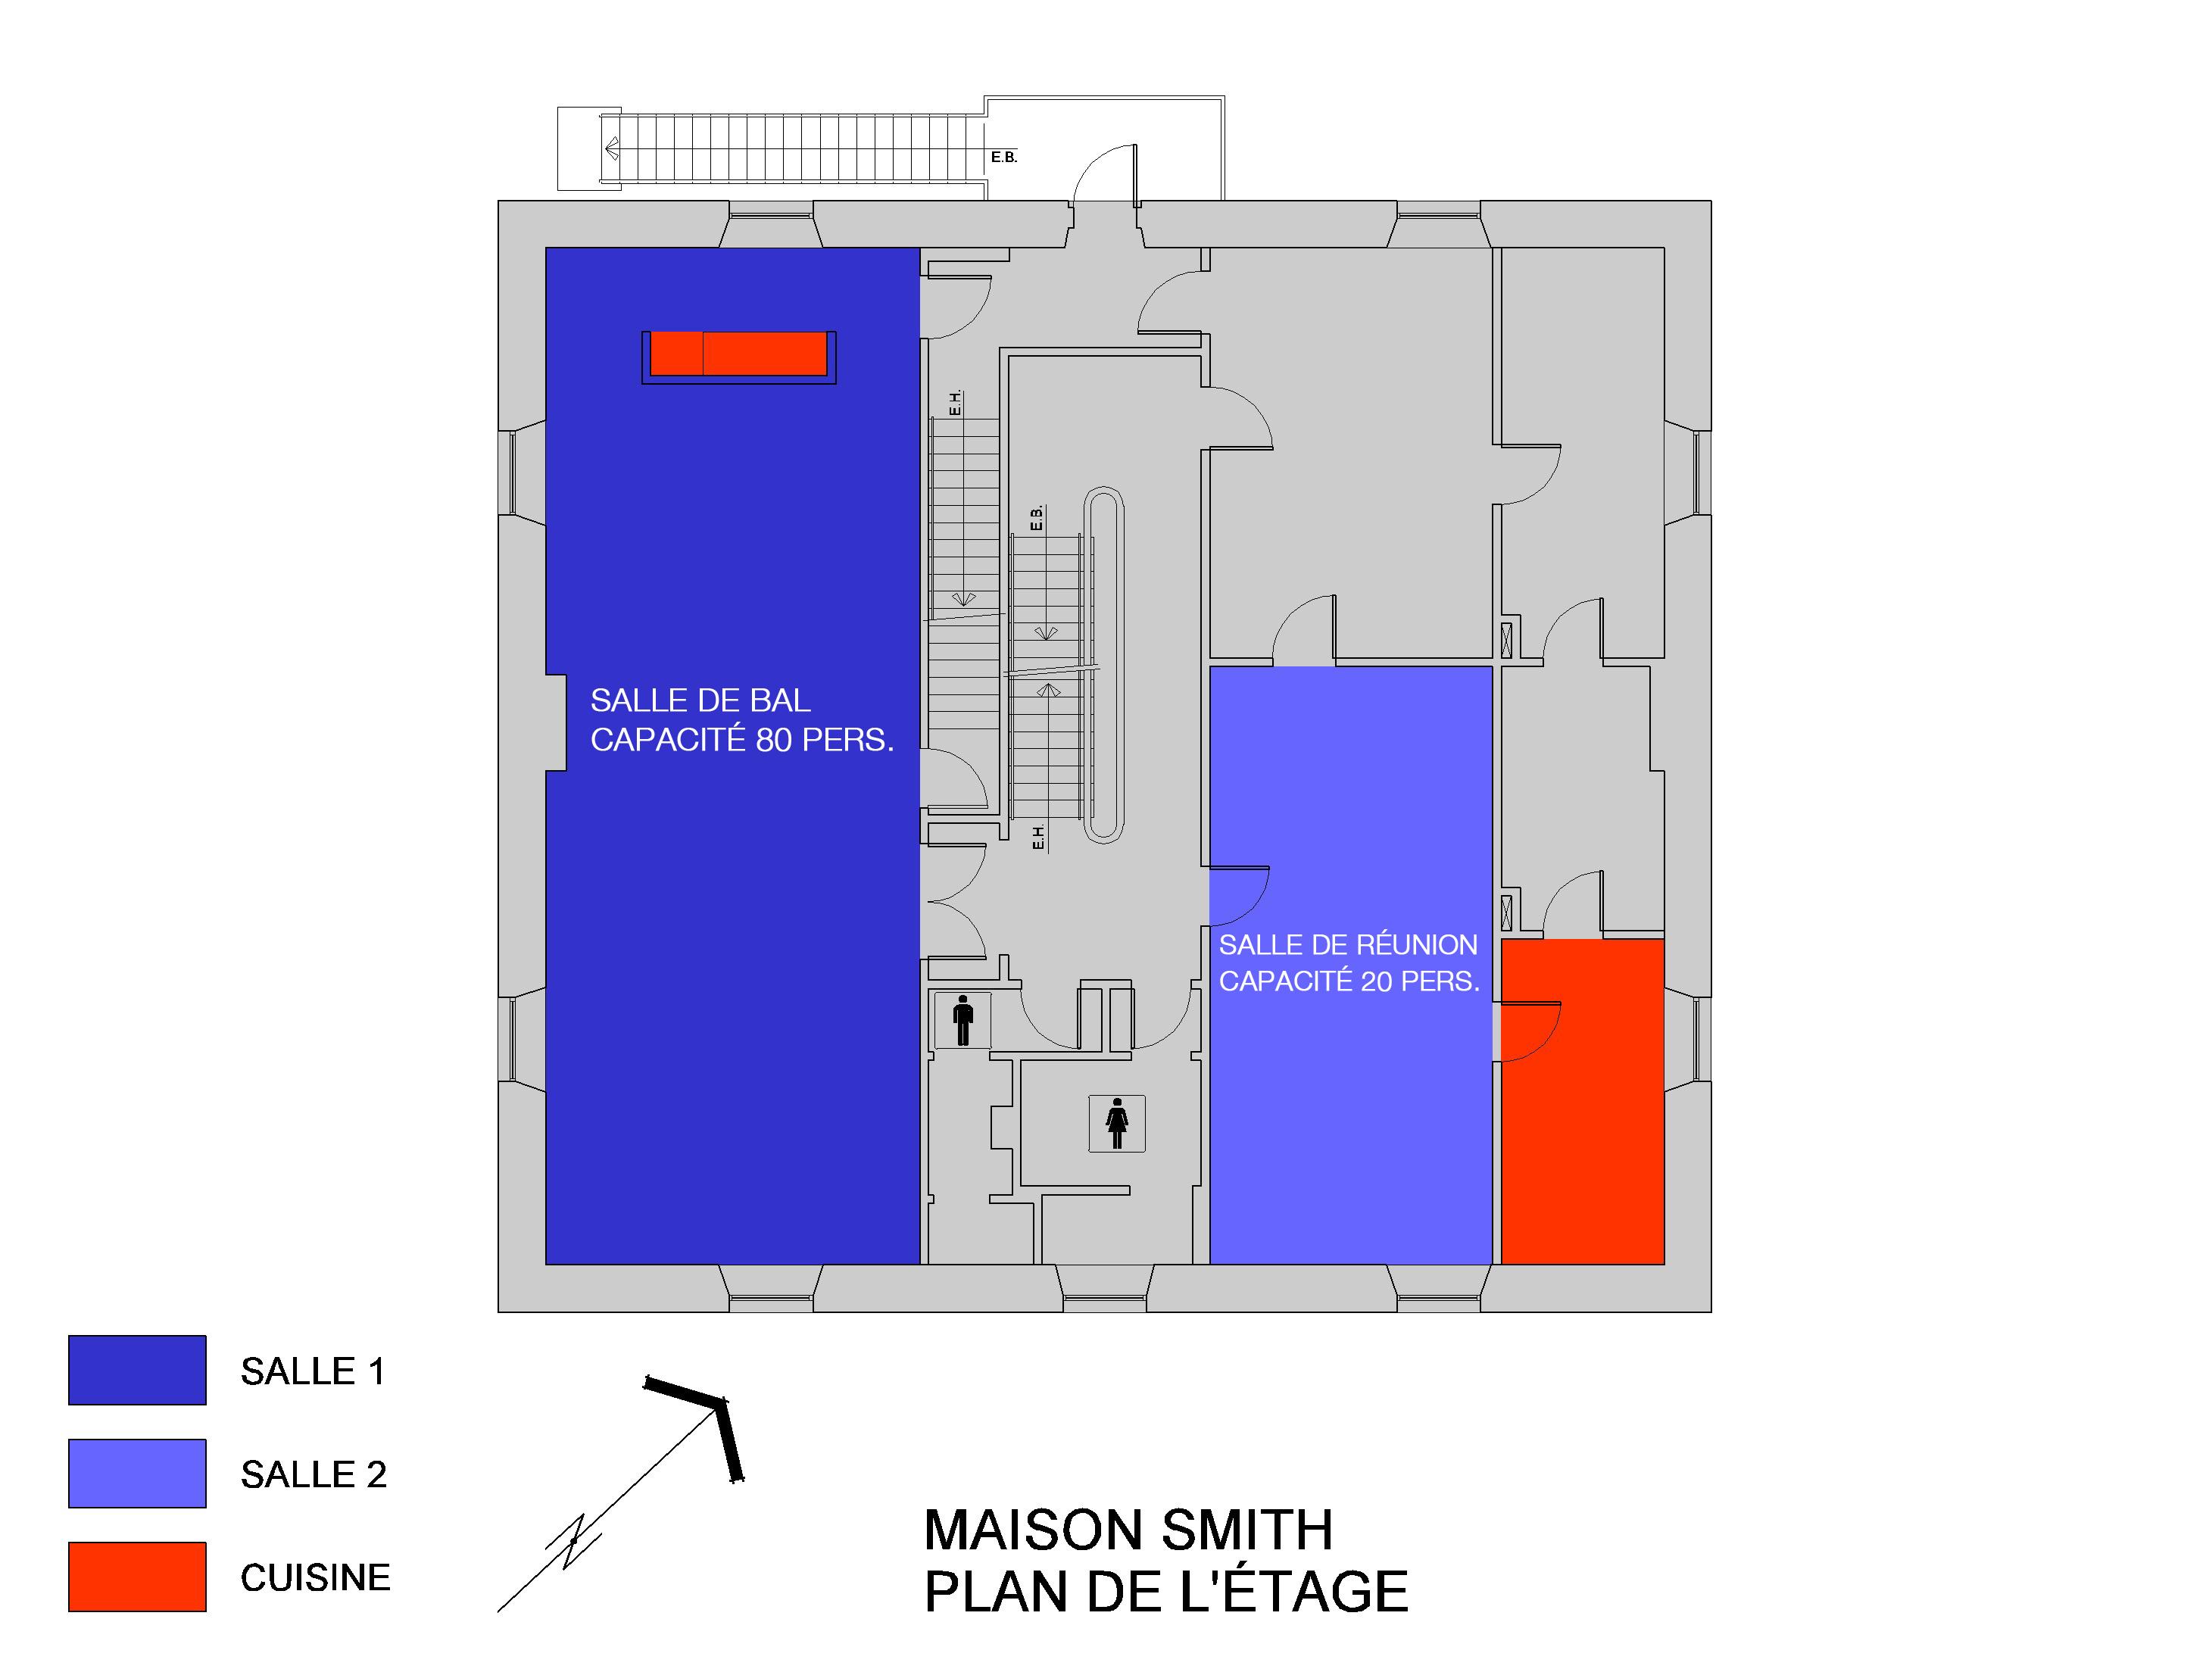 Plan général des salles